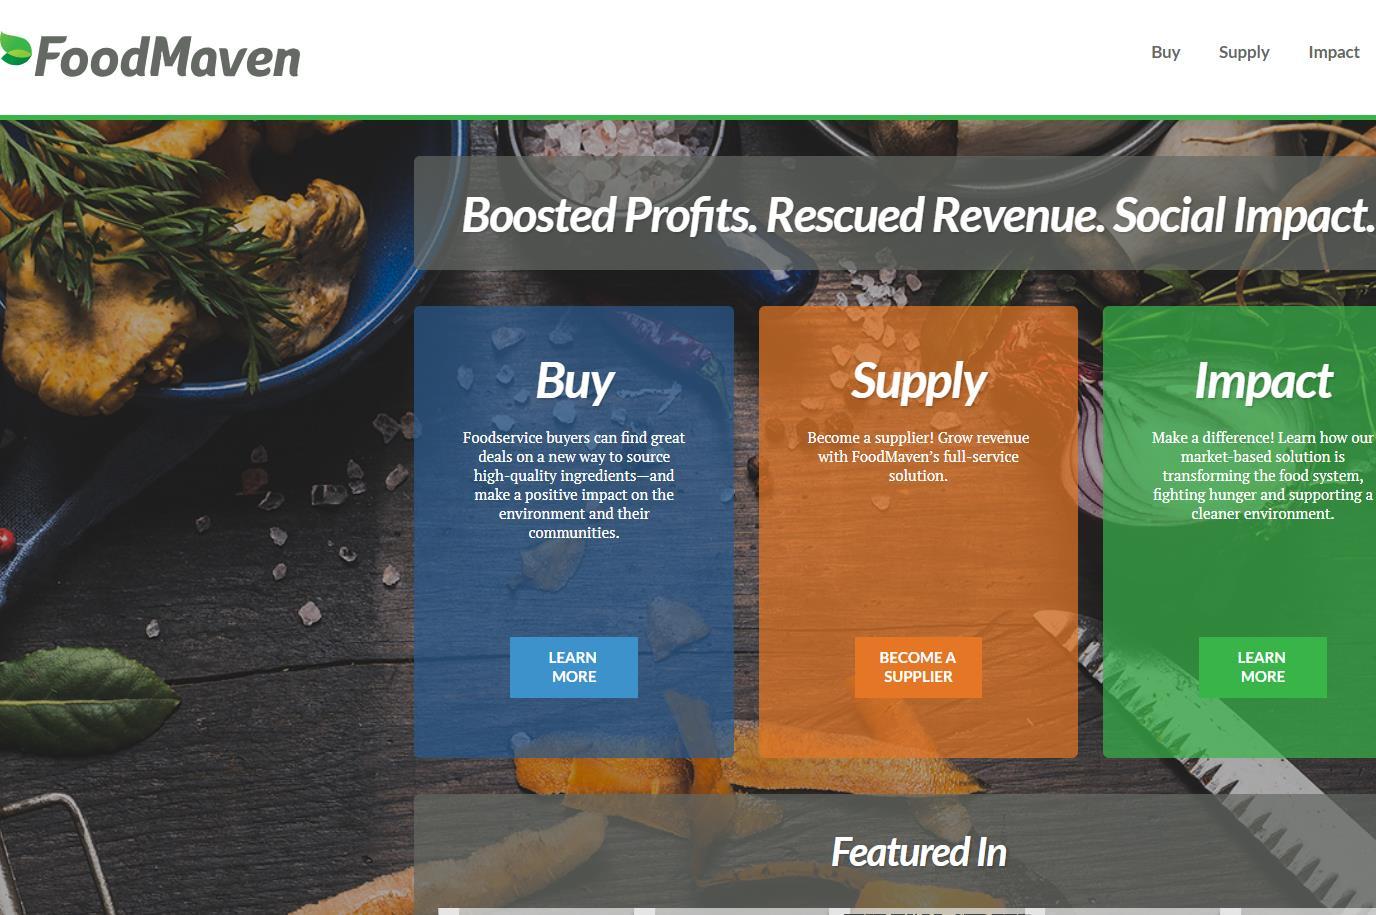 解决严重的食品浪费问题!美国食品分销初创公司 FoodMaven 又融资1000万美元,沃尔玛创始家族成员参投